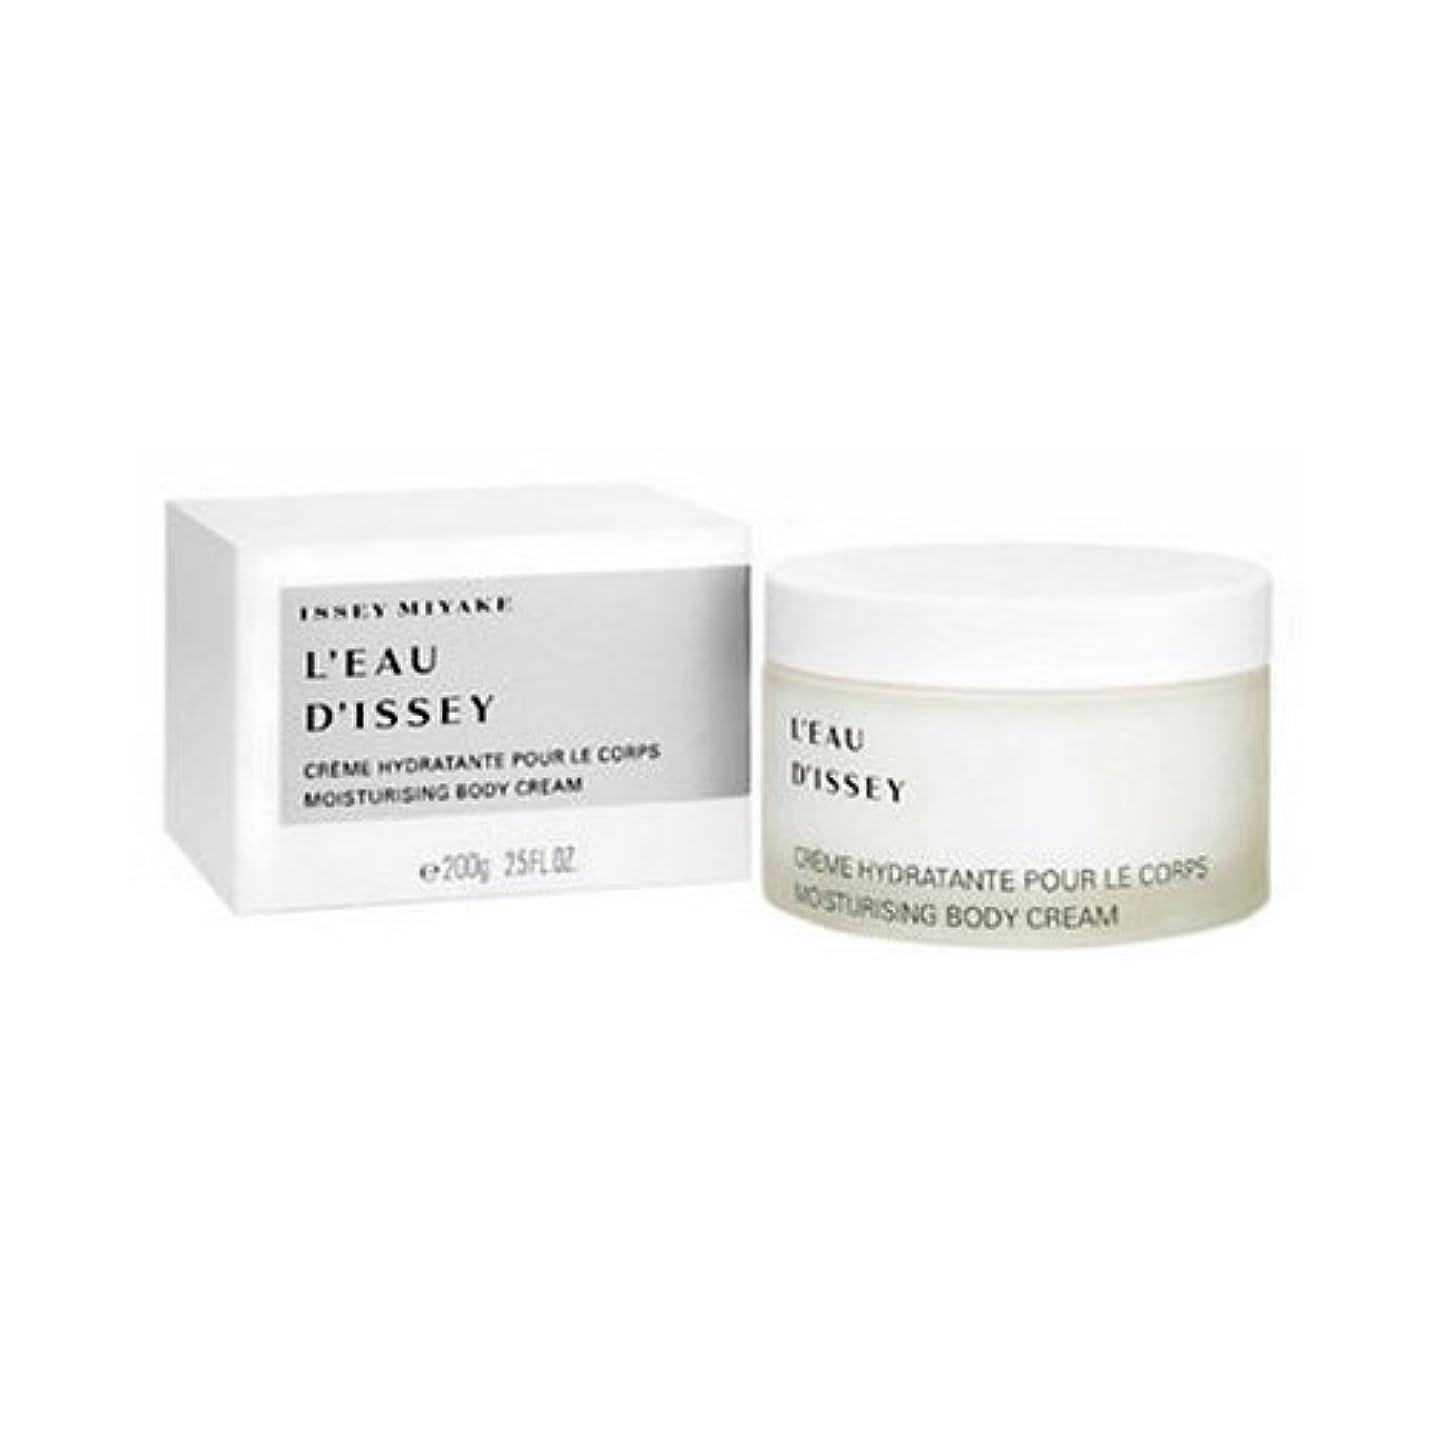 ありがたい眠るペチュランスIssey Miyake L Eau D Issey Body Cream 200ml [並行輸入品]